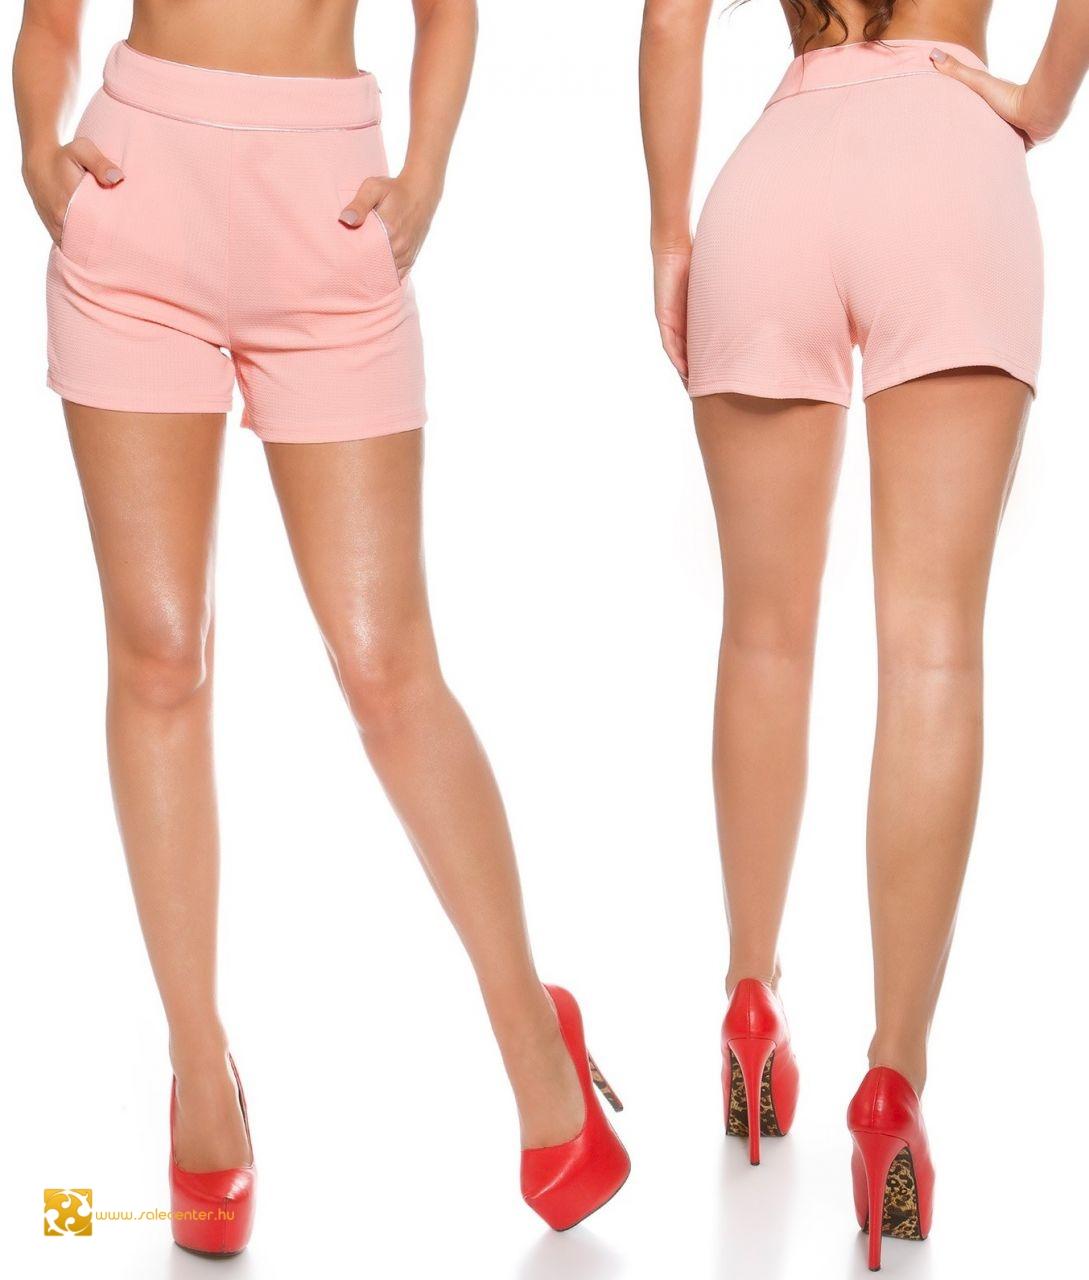 karcsúsító női rövidnadrág